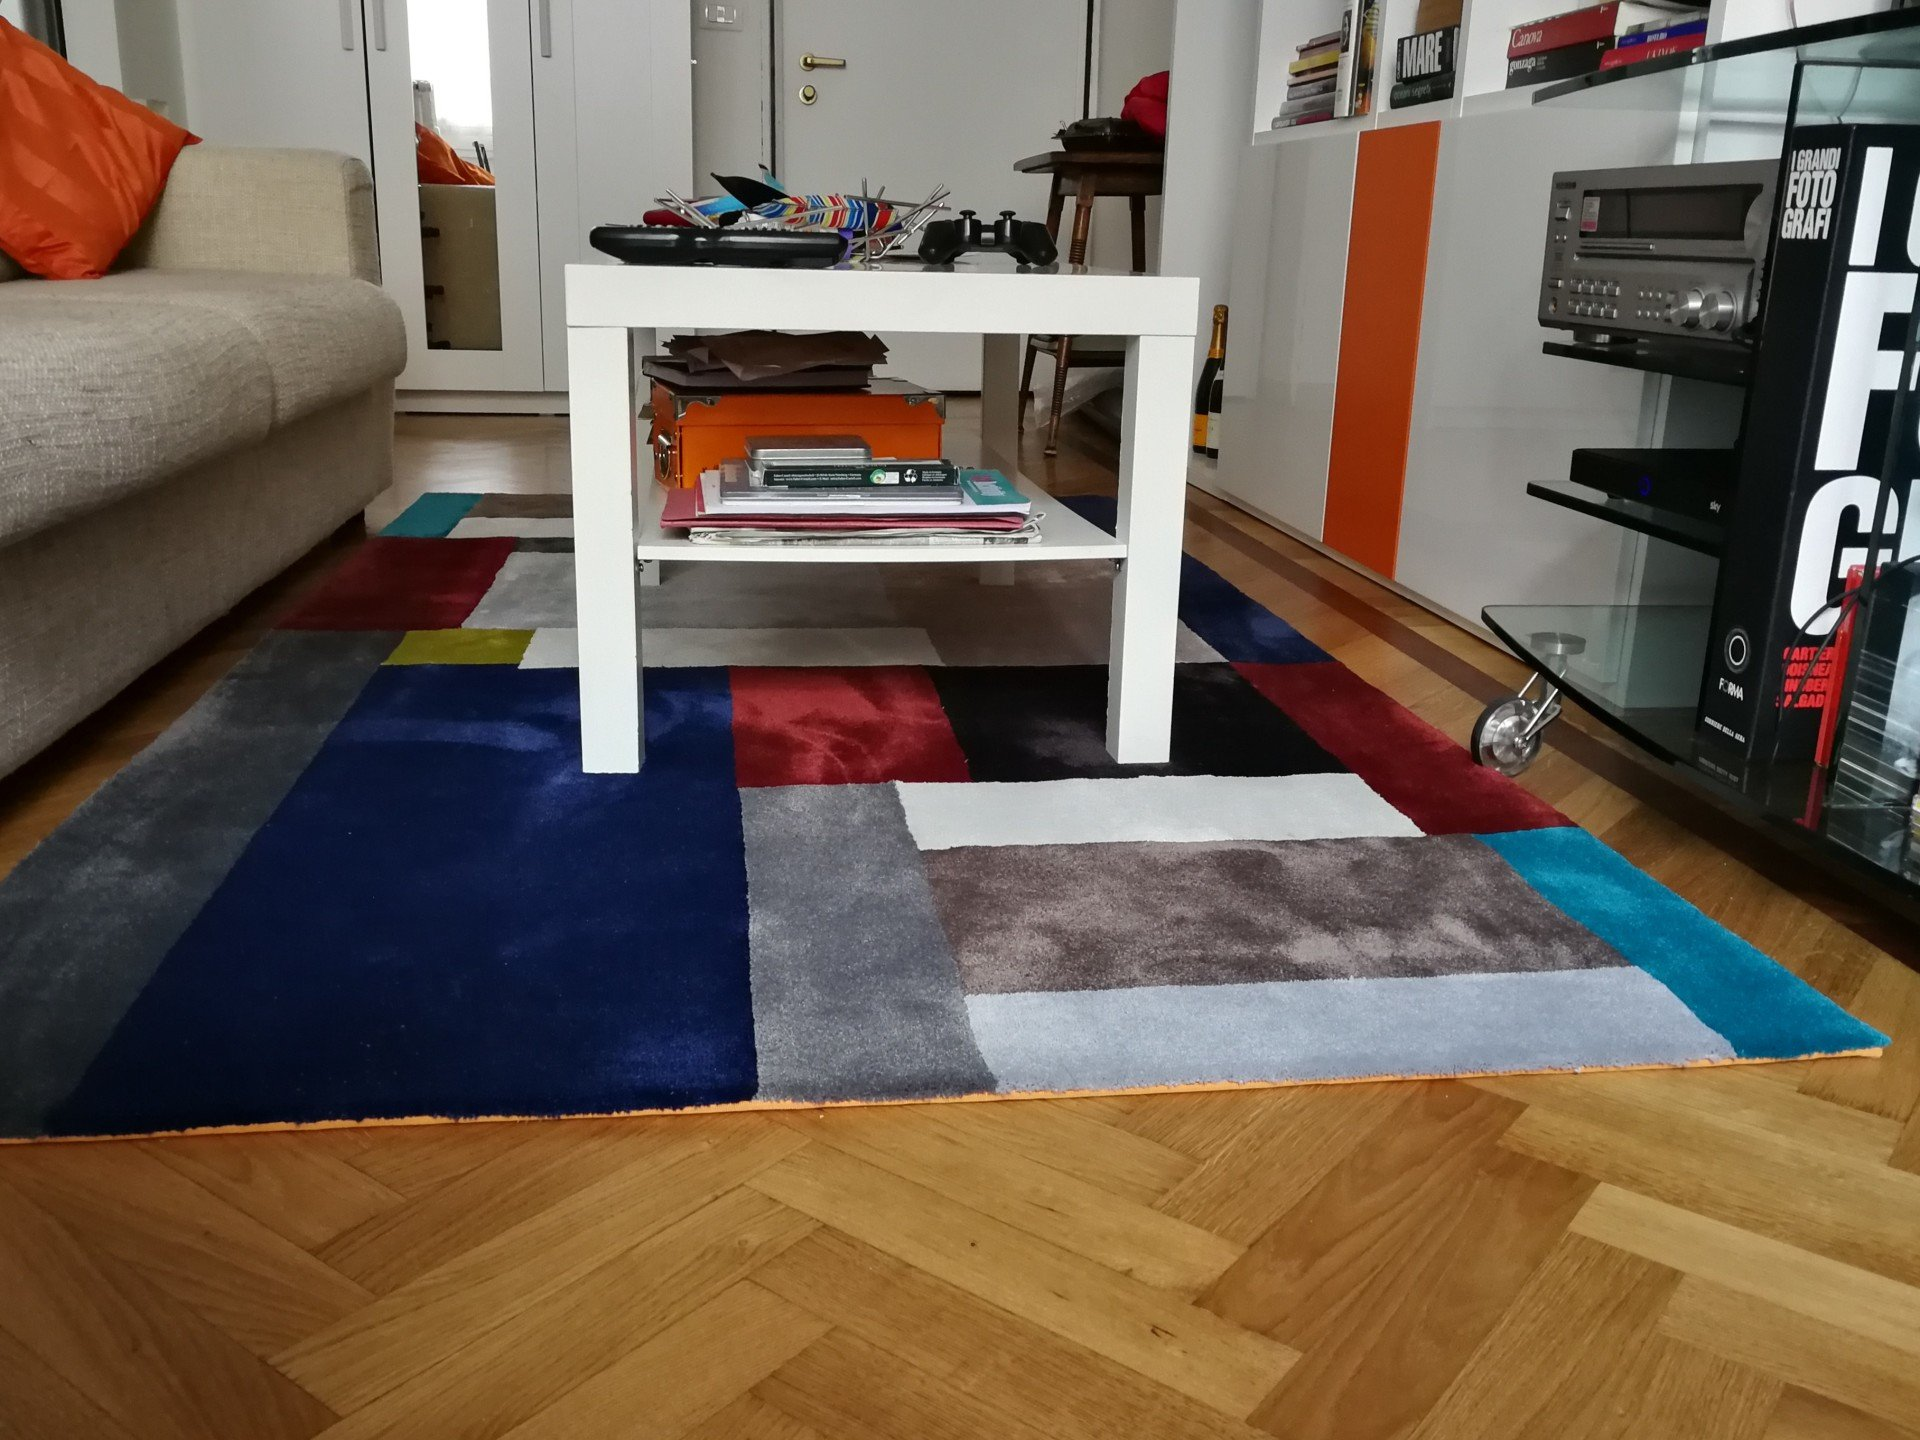 Tappeti personalizzati milano italorli for Ikea tappeti persiani